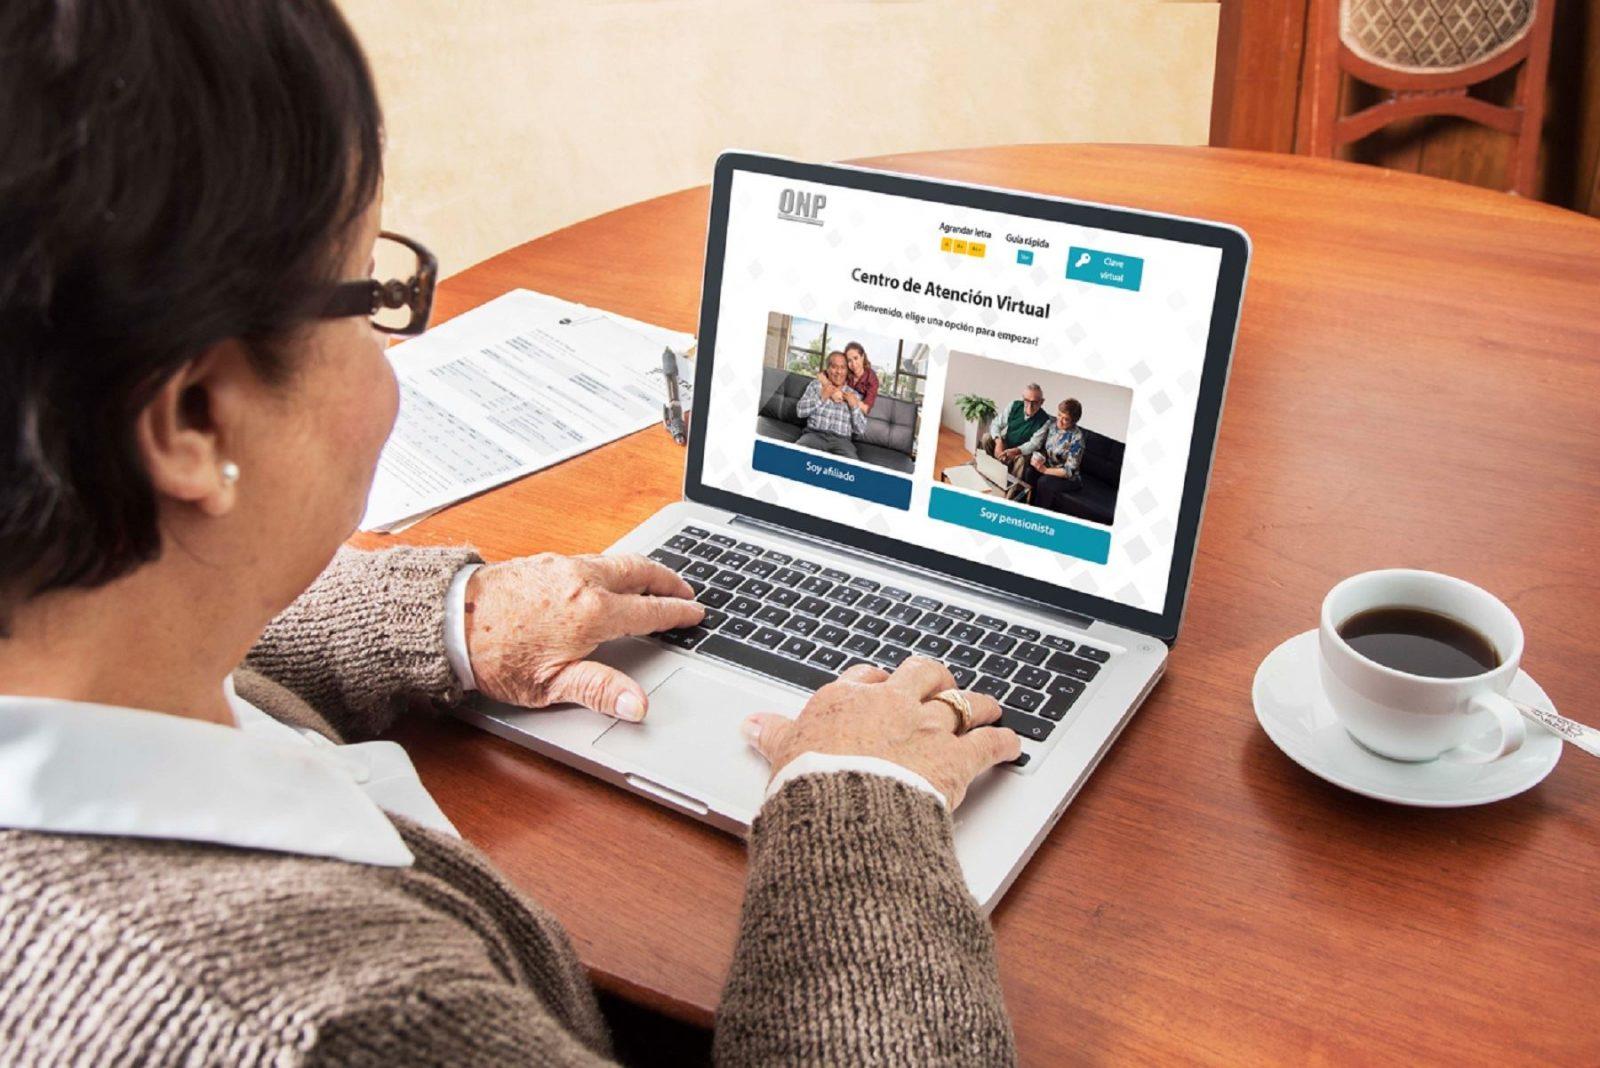 ONP: afiliados pueden solicitar pensión de manera virtual